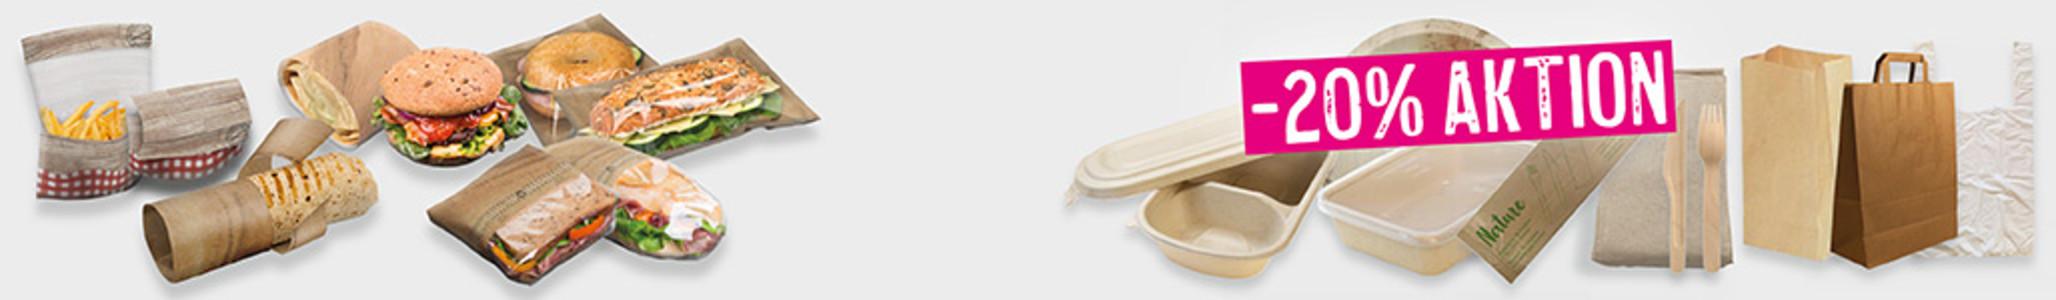 Nachhaltige To-go-Verpackungen Fairpac